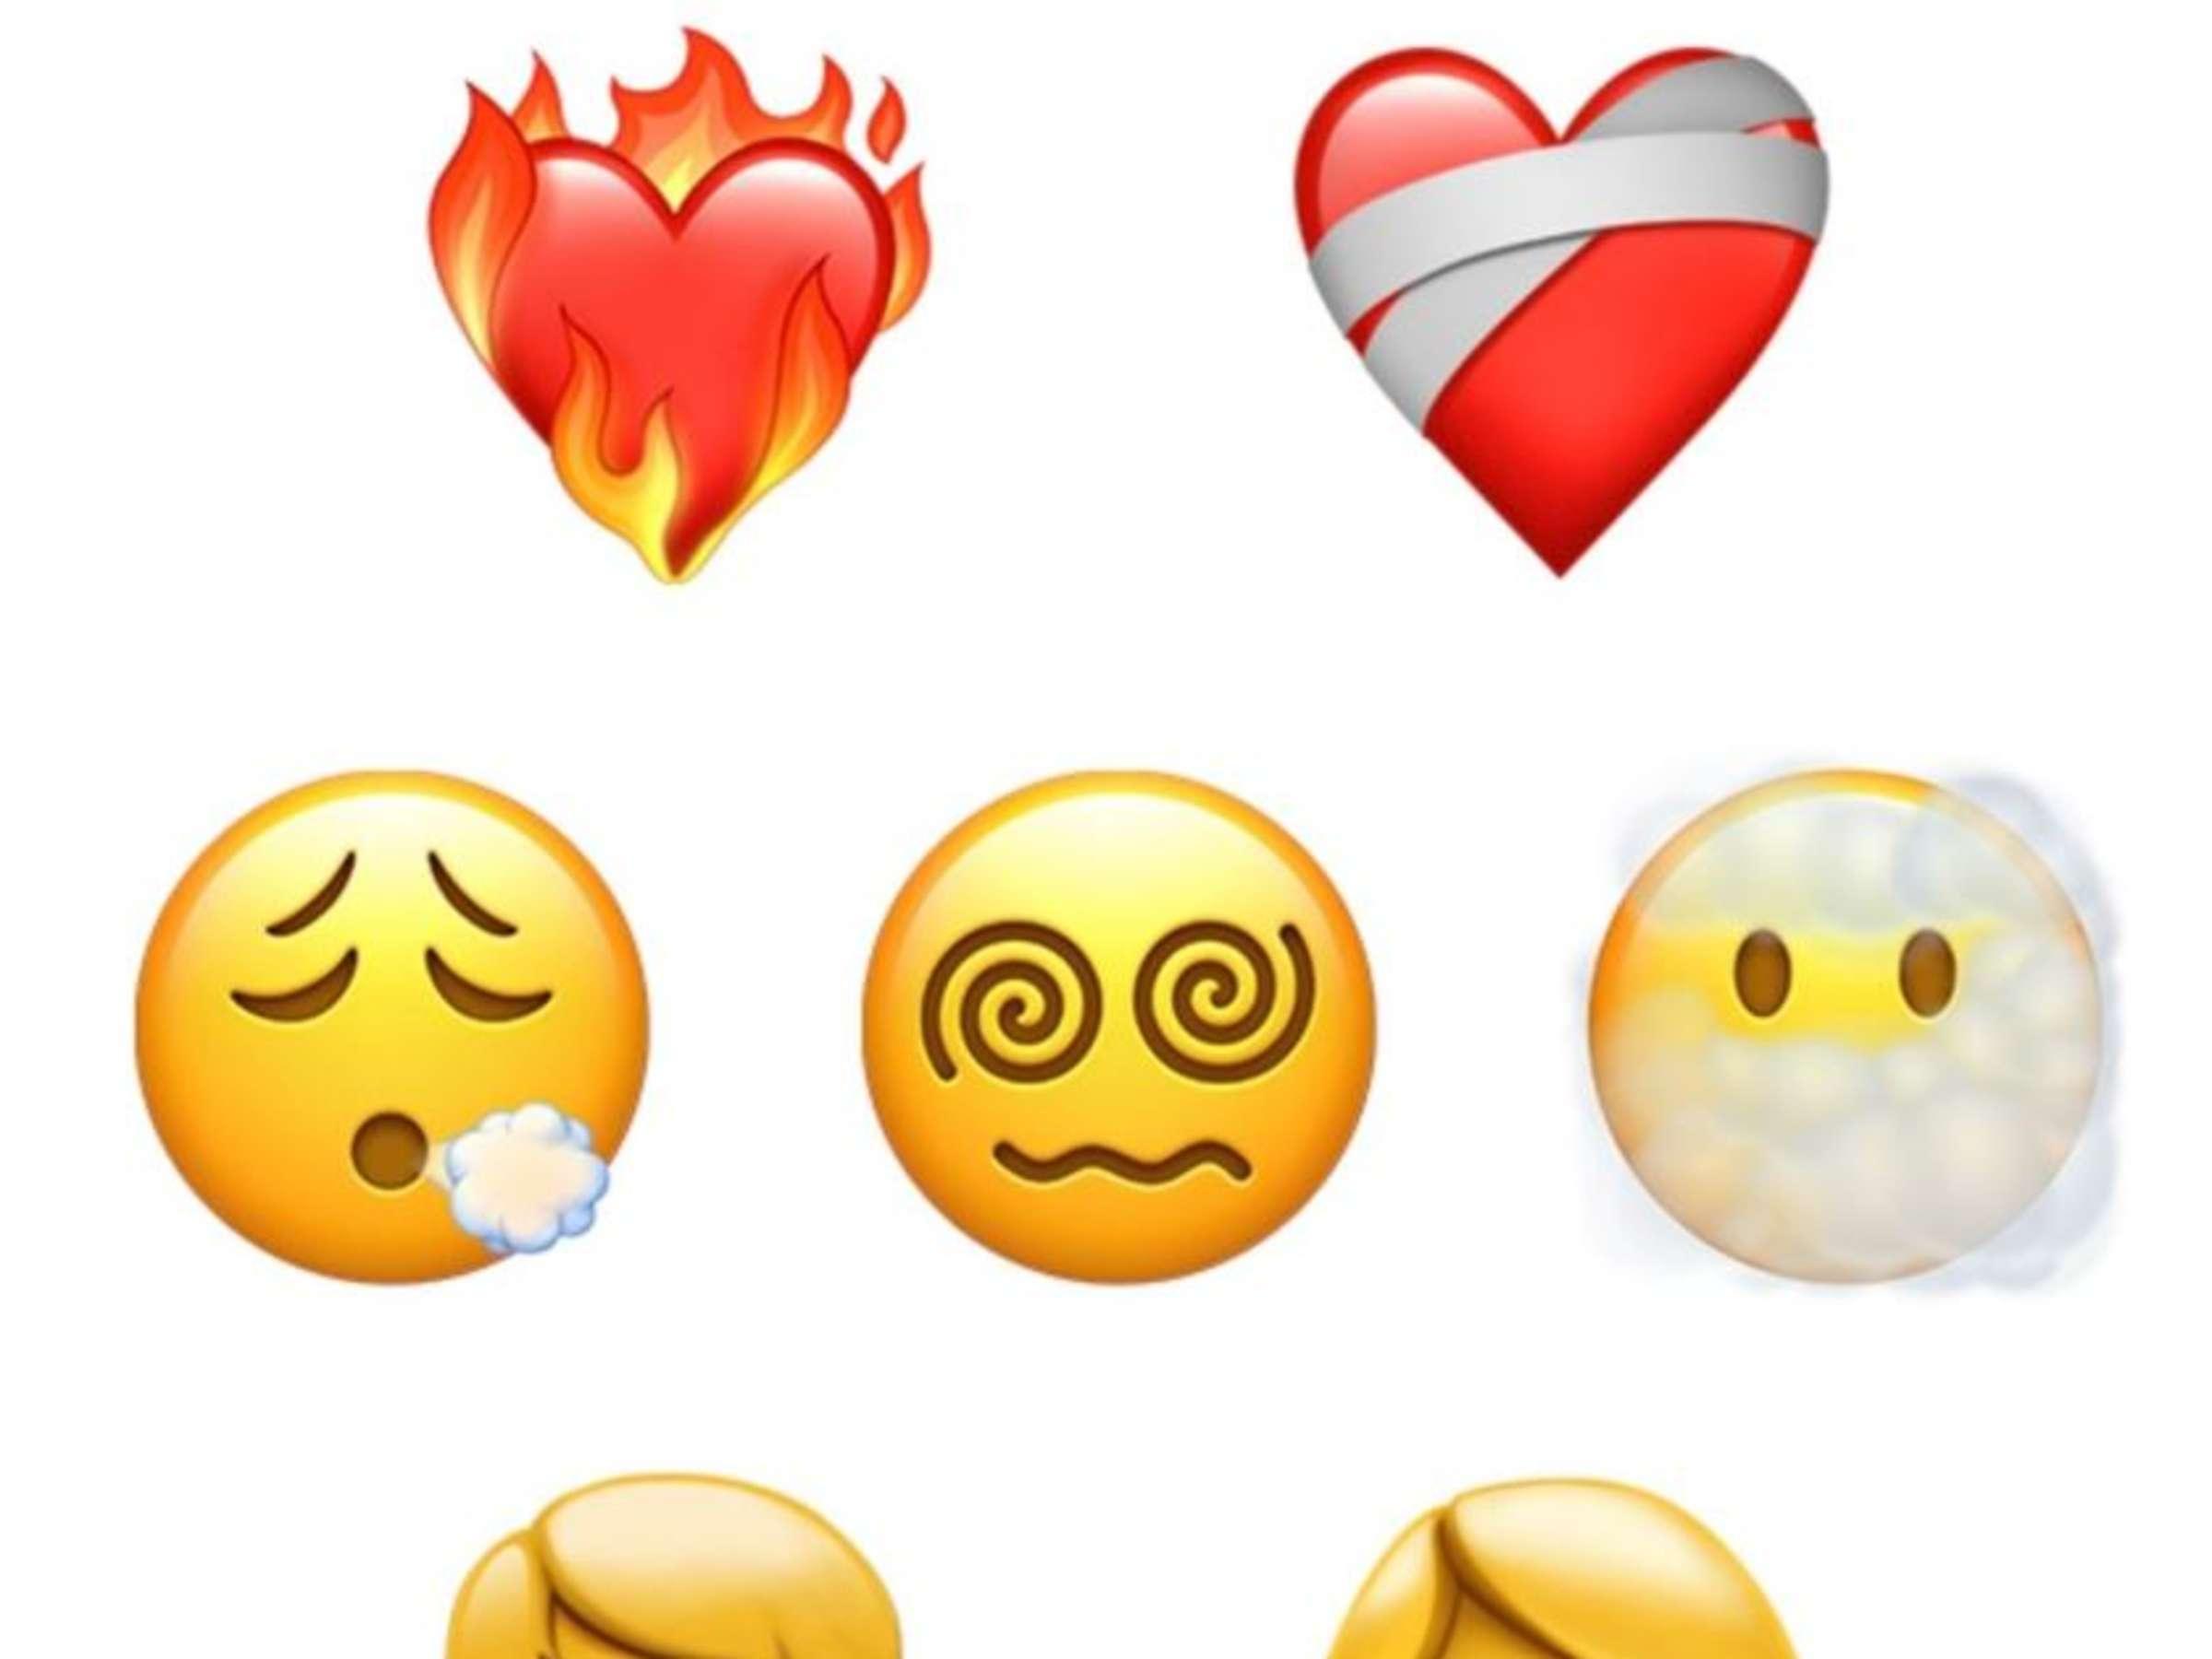 Herzen emojis mit 🥰 Smiling